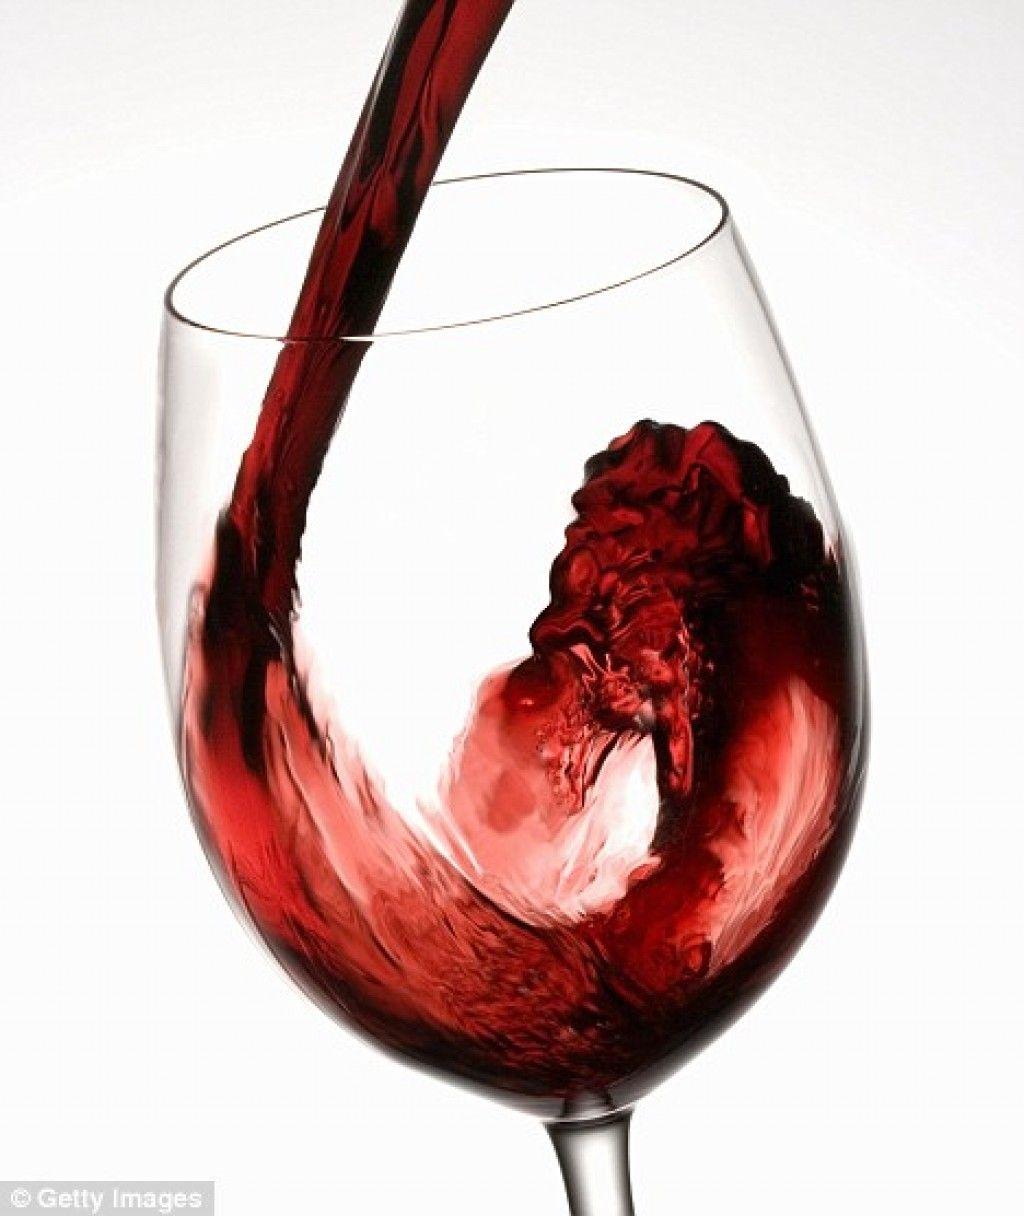 El Vino Siembra Poesia En Los Corazones Dante Alighieri Carteles De Vino Vino Copas De Vino